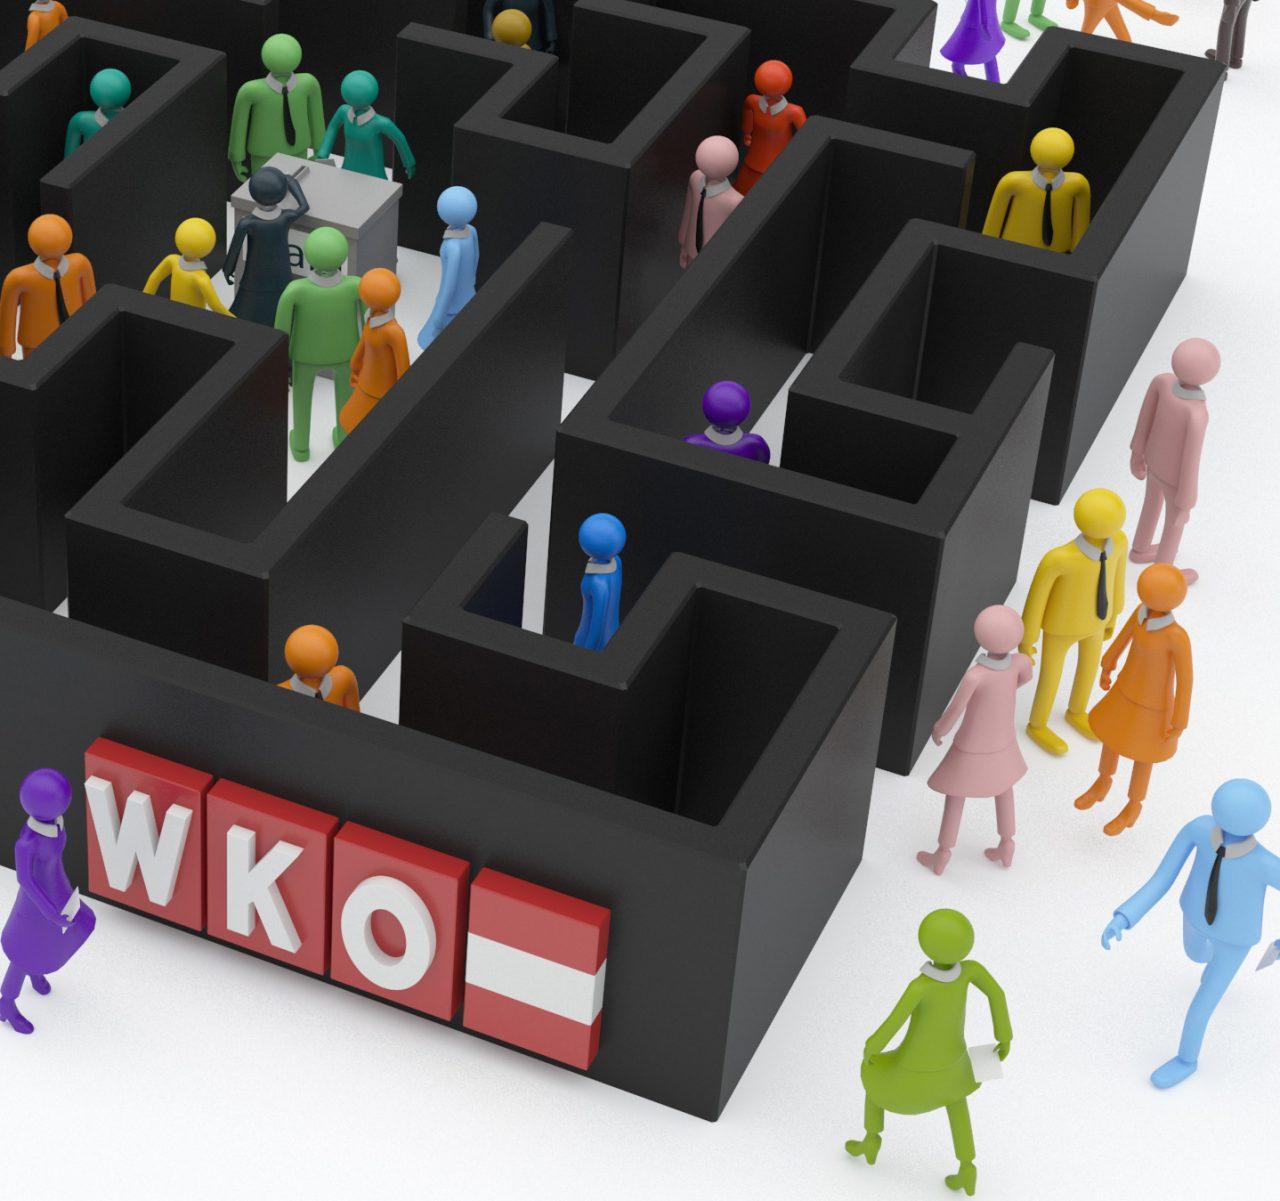 Wirtschaftskammerwahl: Wofür die Fraktionen stehen